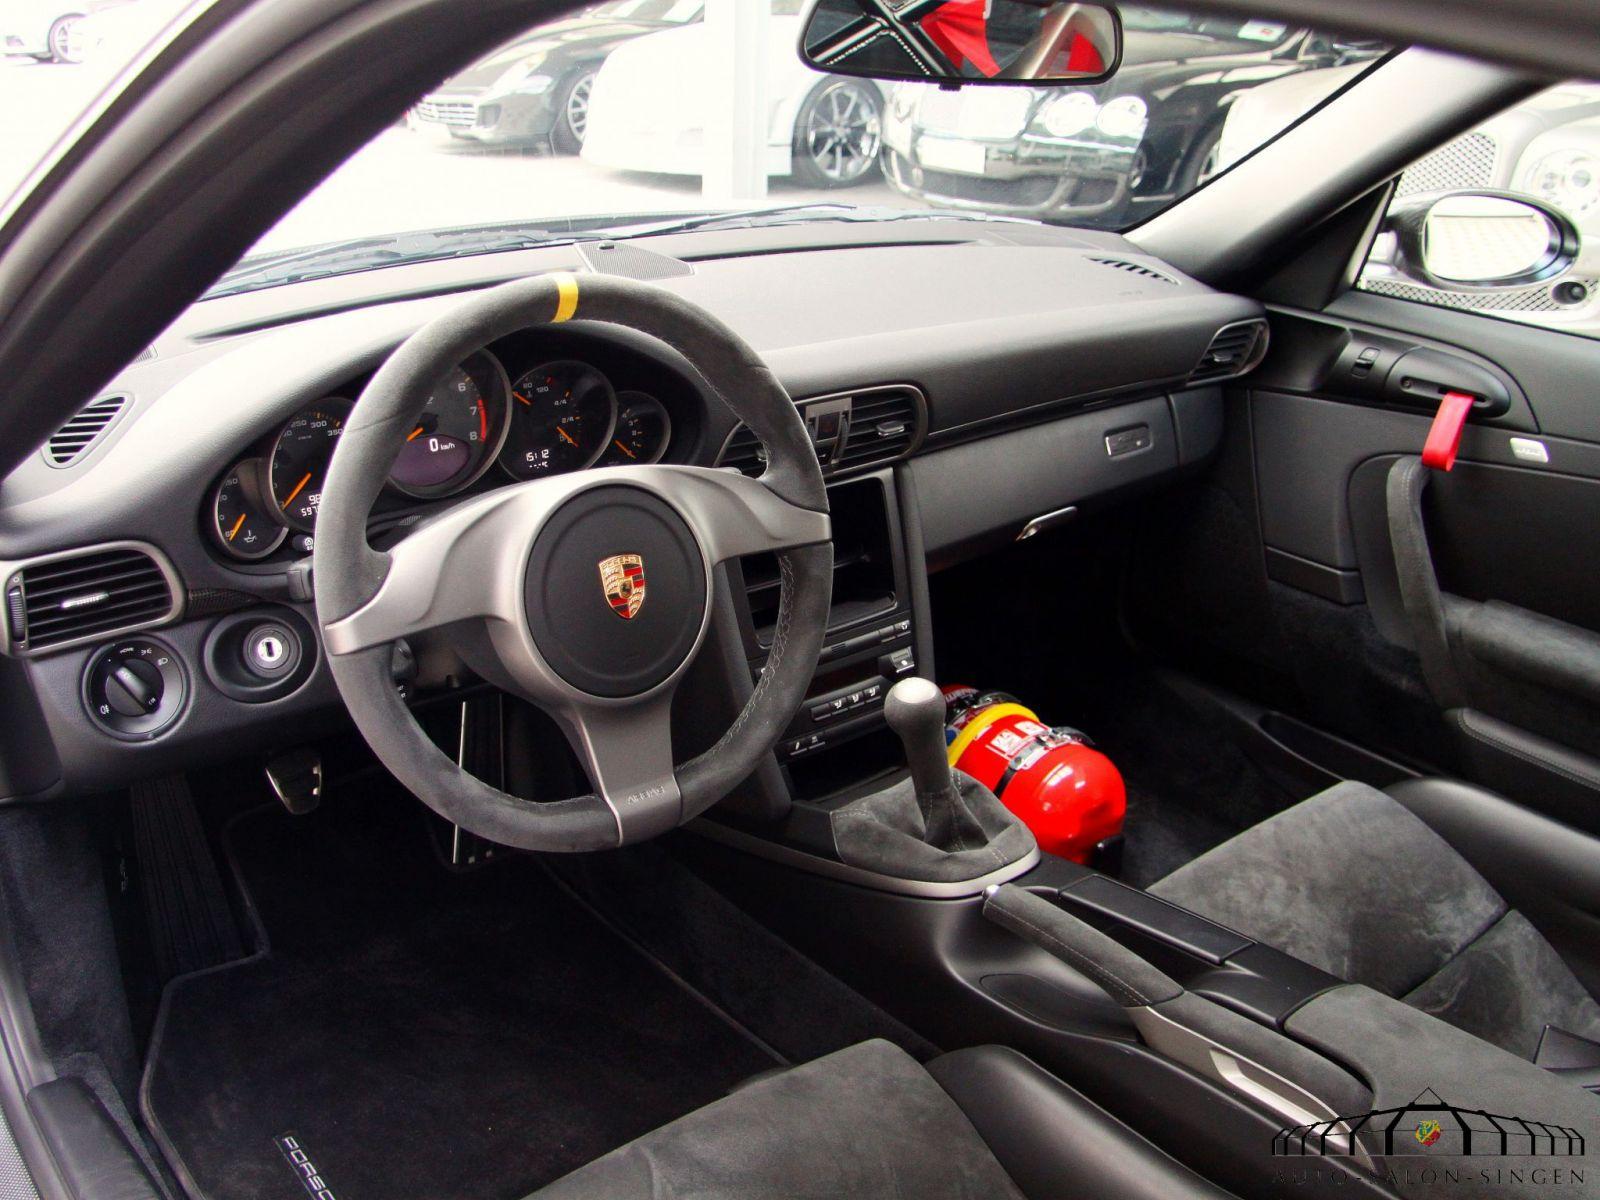 Porsche 997 Gt2 Rs Coupe Auto Salon Singen